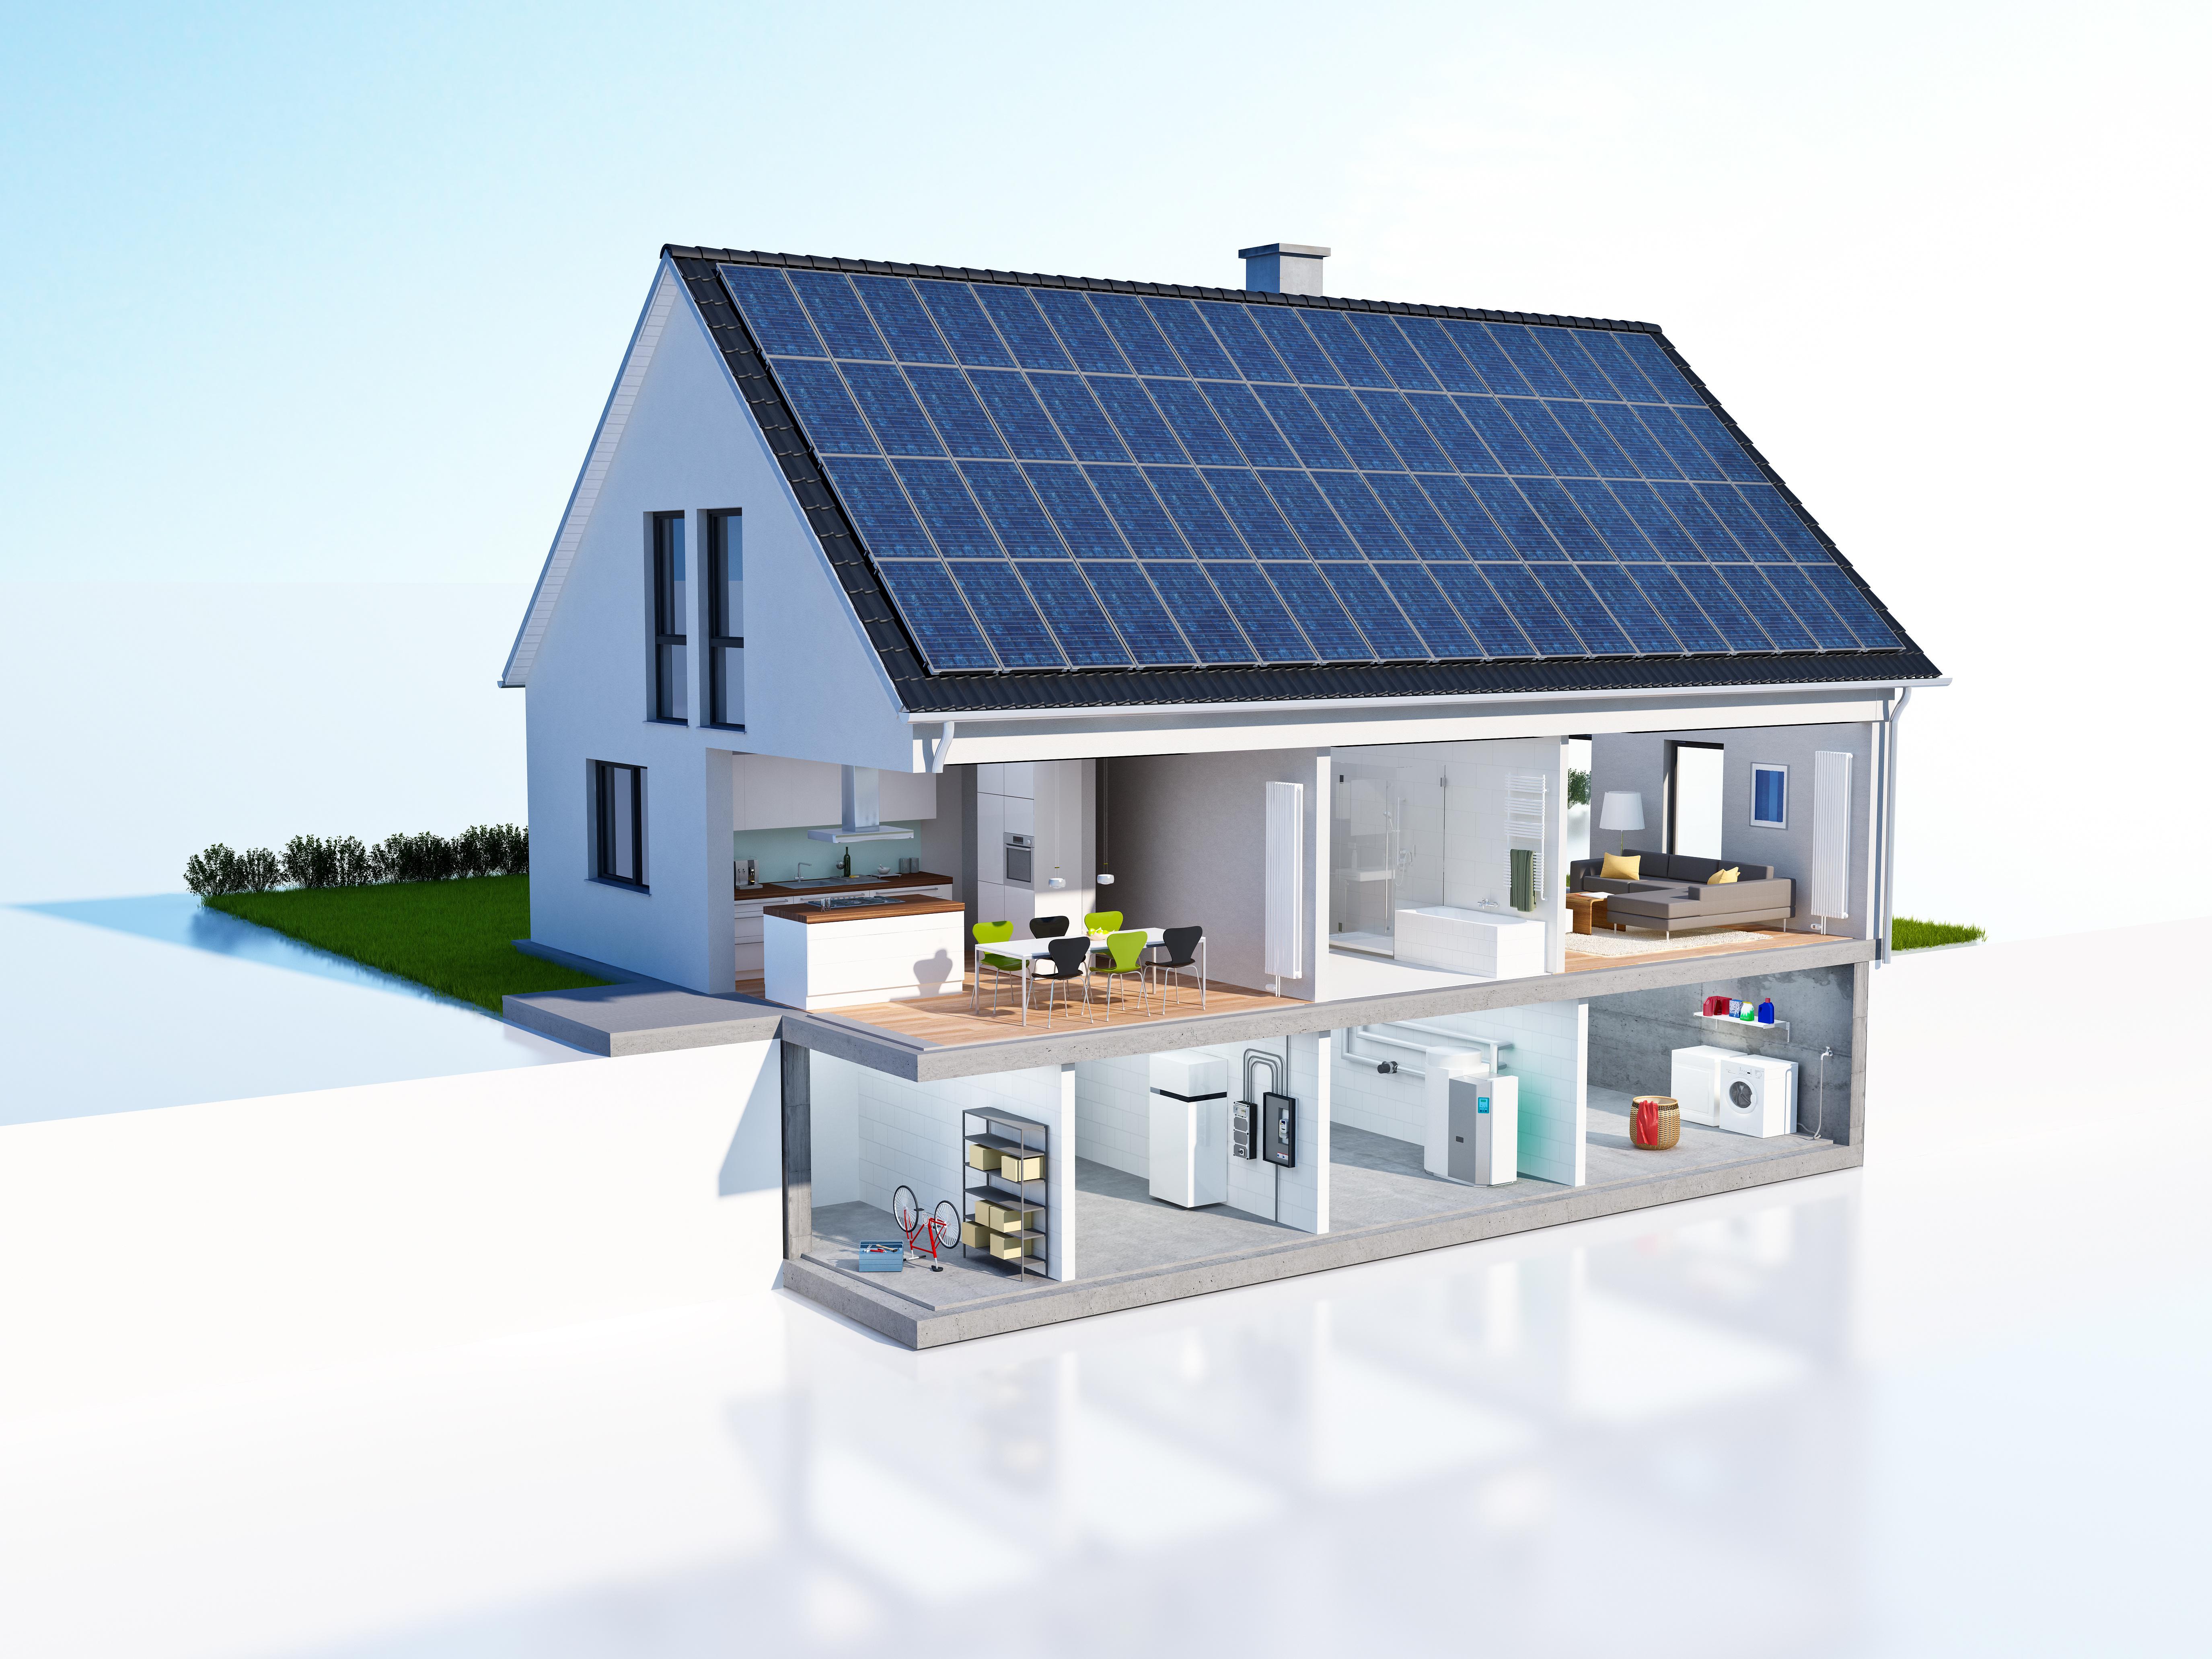 Neubau mit Keller: Grafik eines Einfamilienhauses mit keller als Wohnraum.